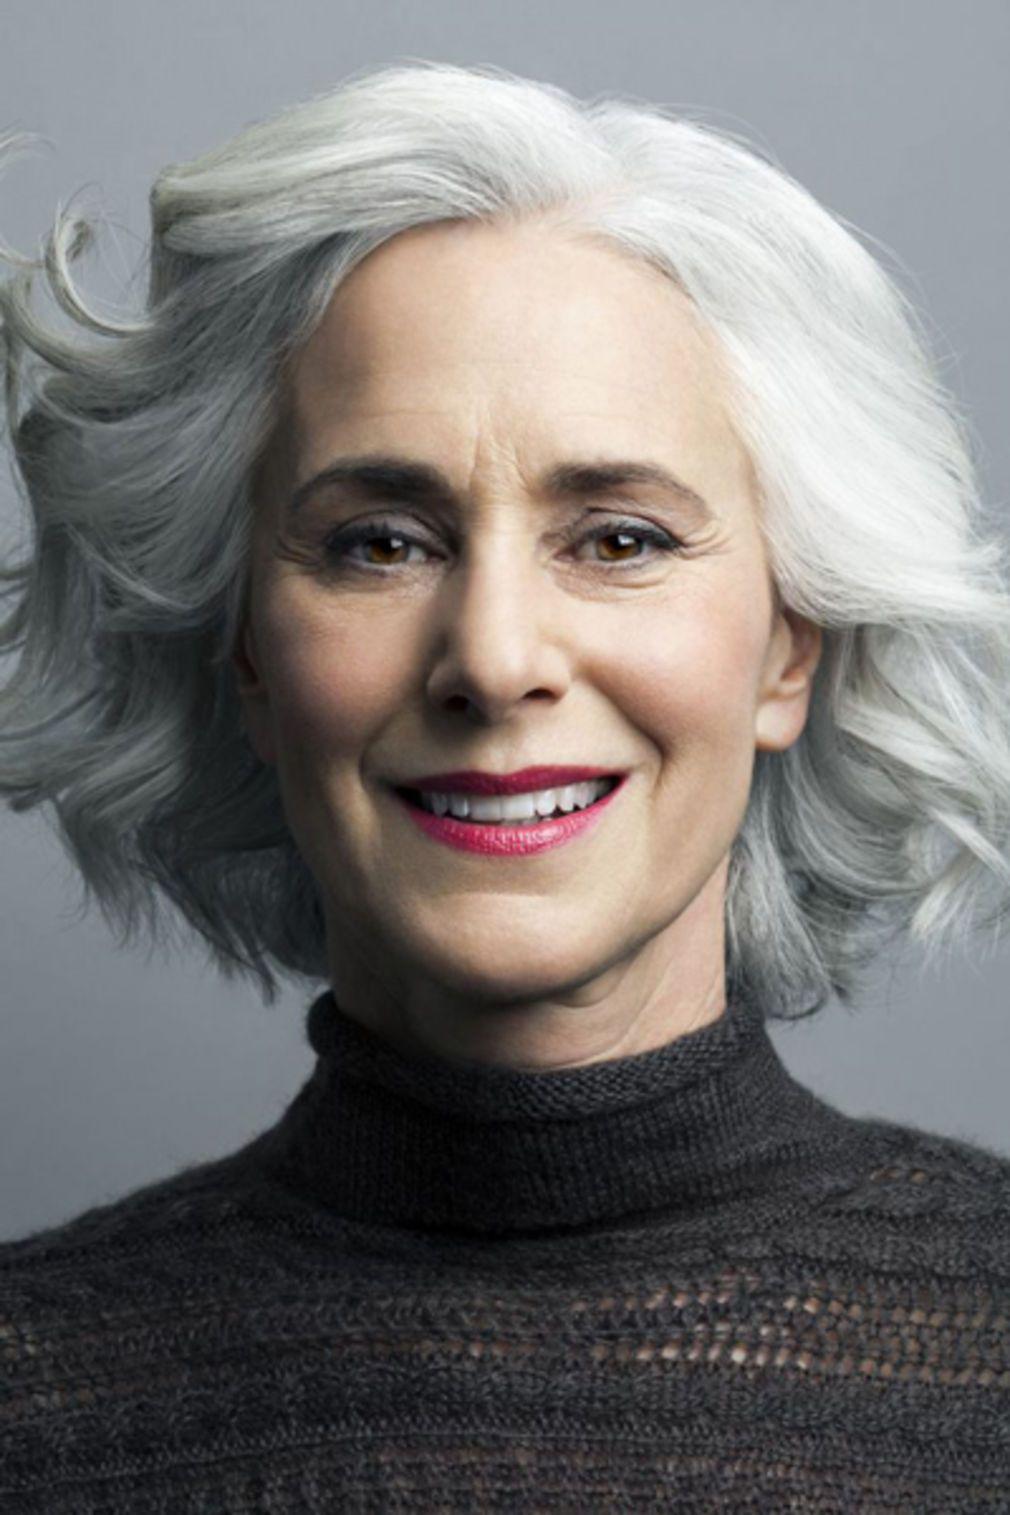 Populaire Cheveux gris : 40 coiffures qui ne font pas mamie | Cheveux gris  CF37